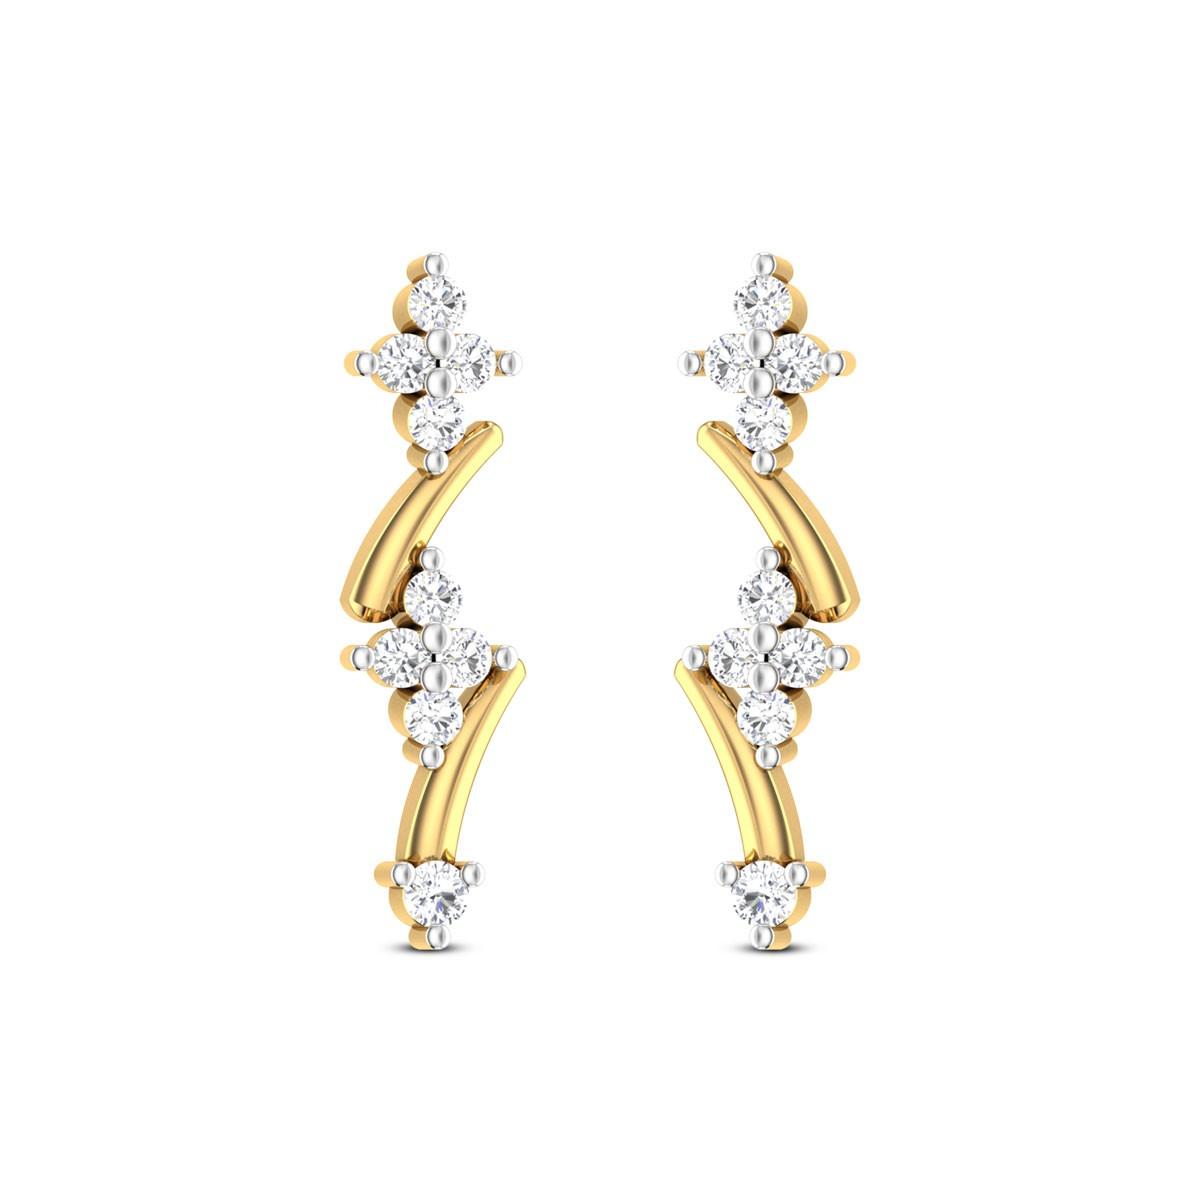 Floral Garland Stud Earrings